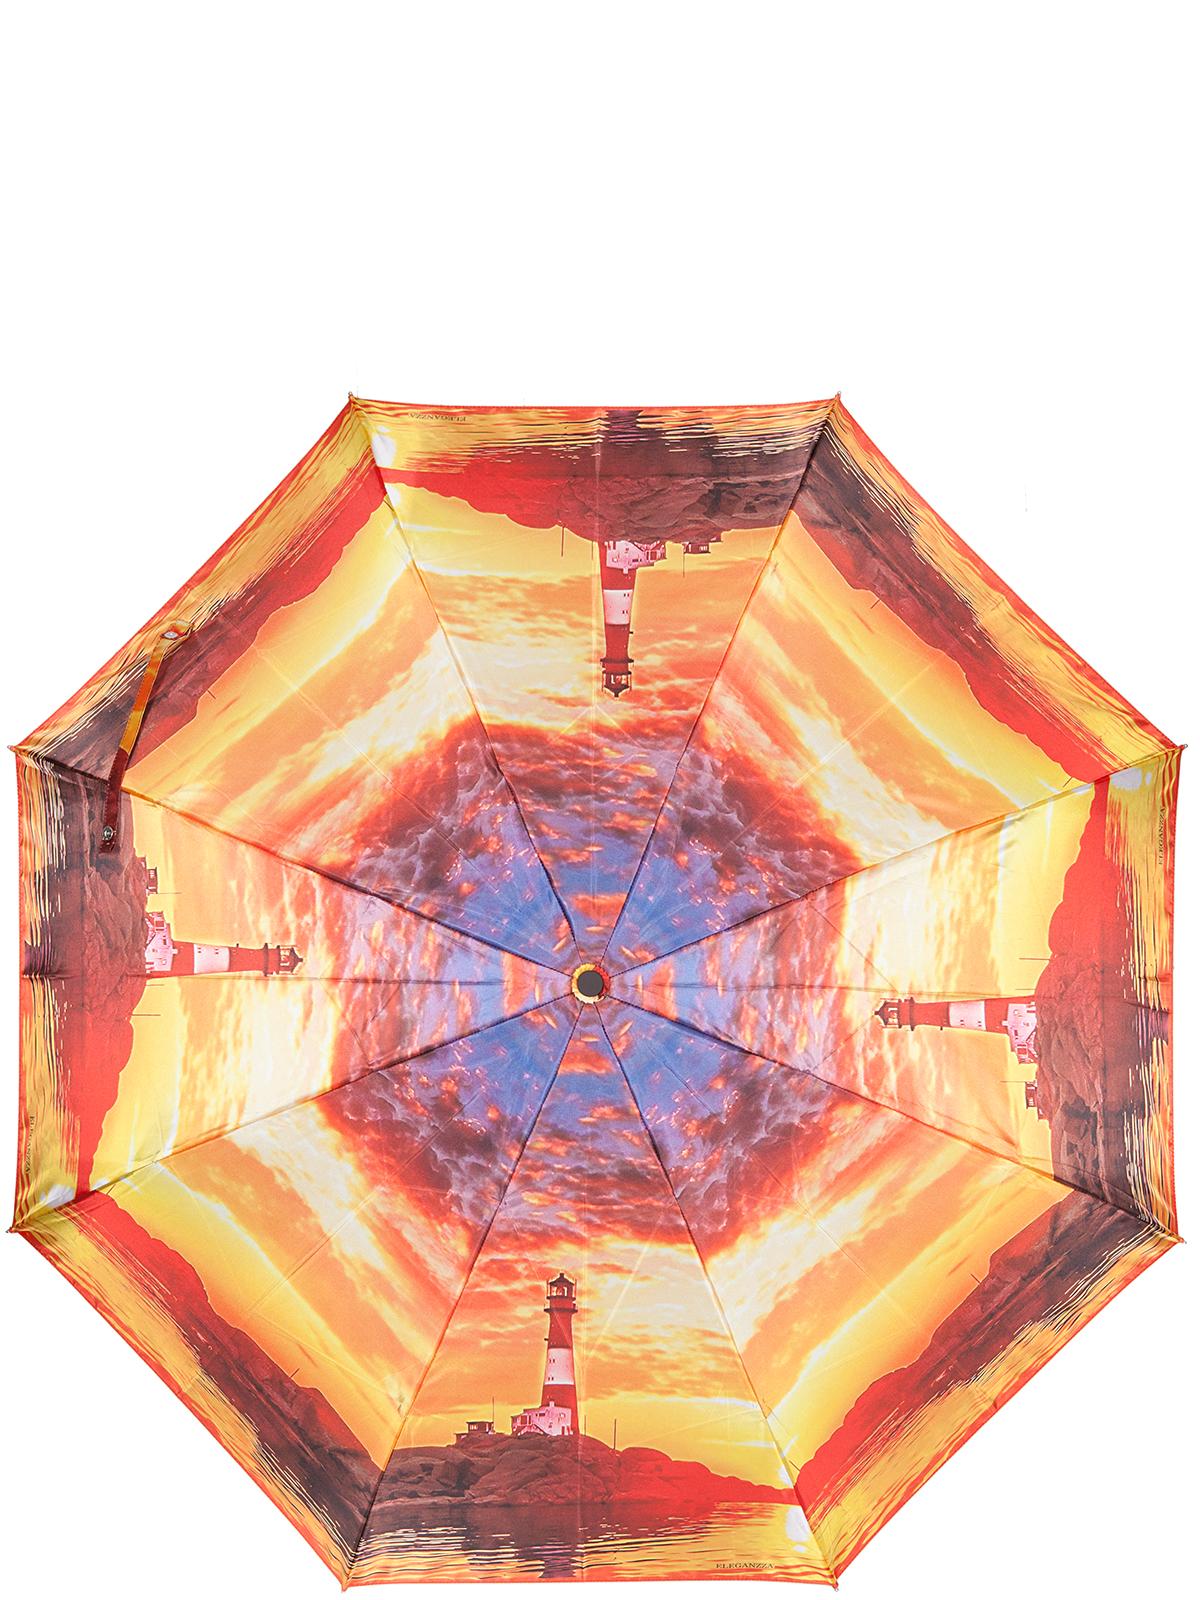 Зонт женский Eleganzza, цвет: желтый. A3-05-0318LSA3-05-0318LSЖенский зонт-автомат торговой марки Eleganzza с каркасом Smart, который позволяет без особых усилий складывать зонт, не позволяя стержню вылетать обратно. Купол: 100% полиэстер, сатин. Материал каркаса: сталь + фибергласс. Материал ручки: пластик. Длина изделия - 30 см. Диаметр купола - 105 см. Система Smart, не позволяет стержню при сложении вылететь обратно, это облегчает сложение зонта! При сложении есть характерный звук-треск, как трещетка. Примечание: зонт не откроется с кнопки если его не закрыть до щелчка.